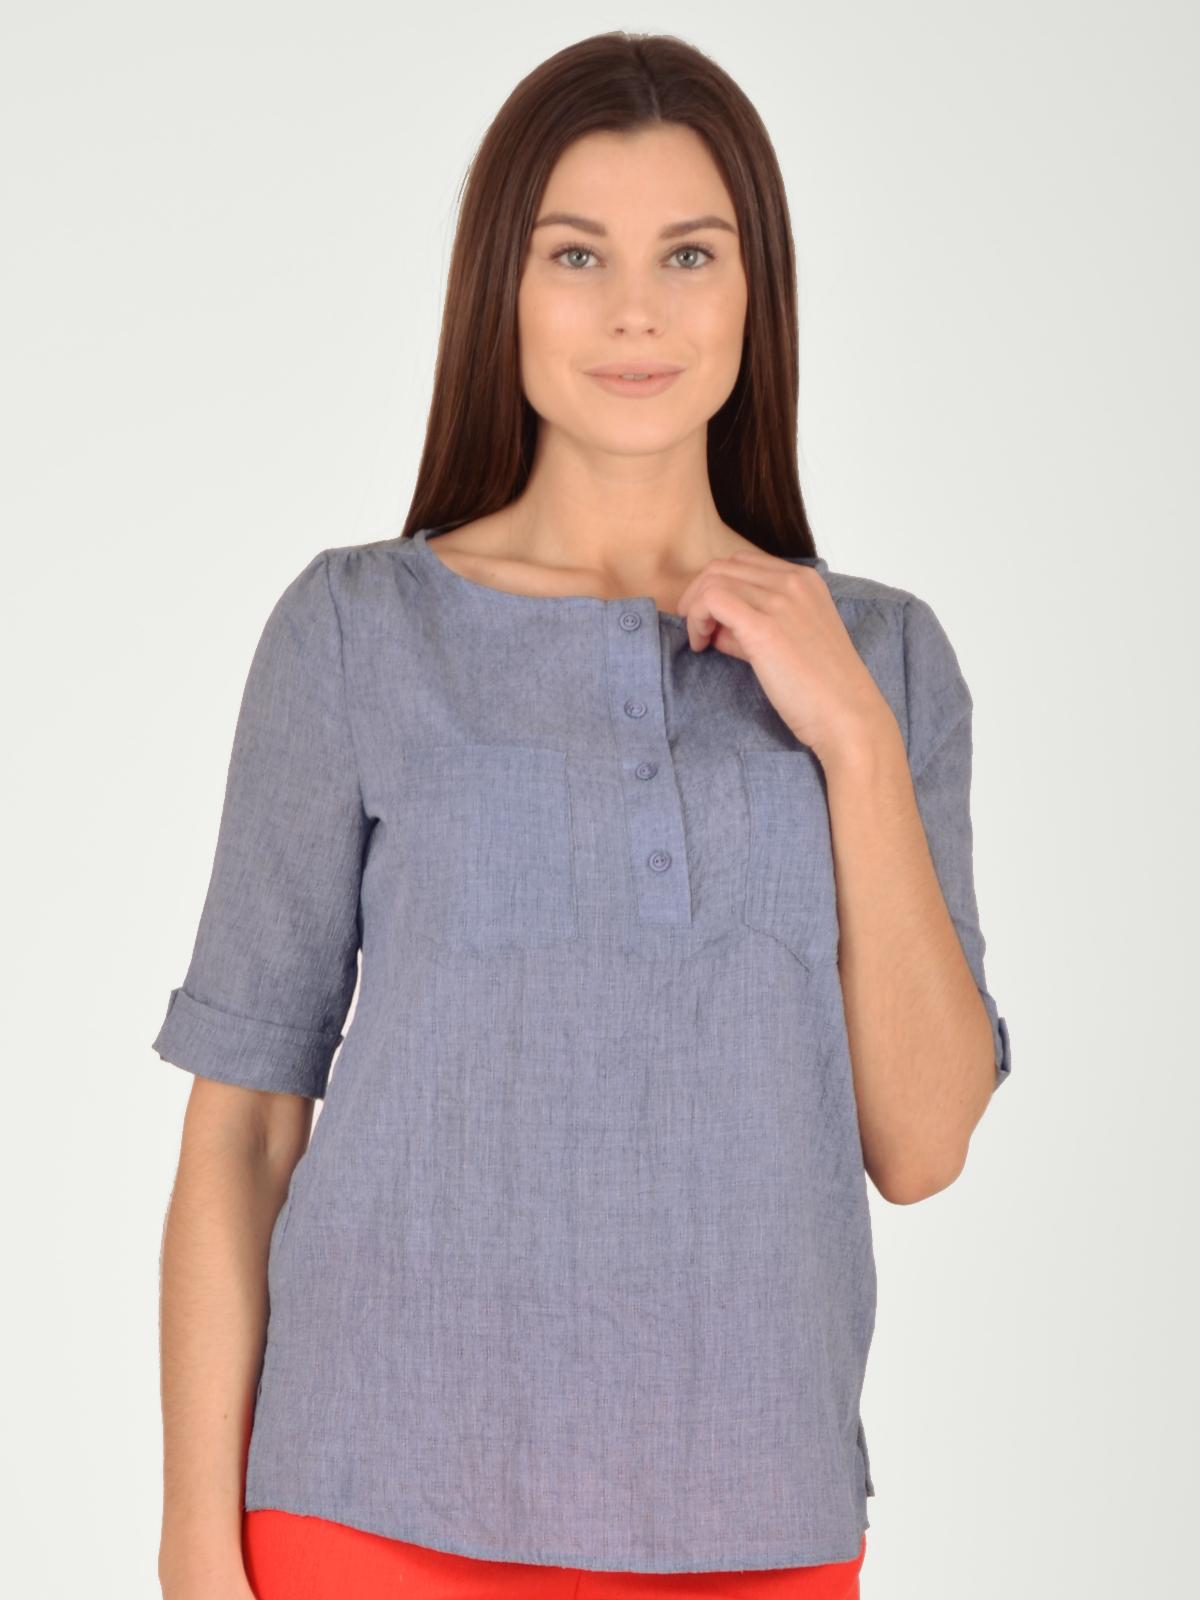 Купить Блузка женская из текстиля, МОСМЕХА, серо-голубой, 5600080